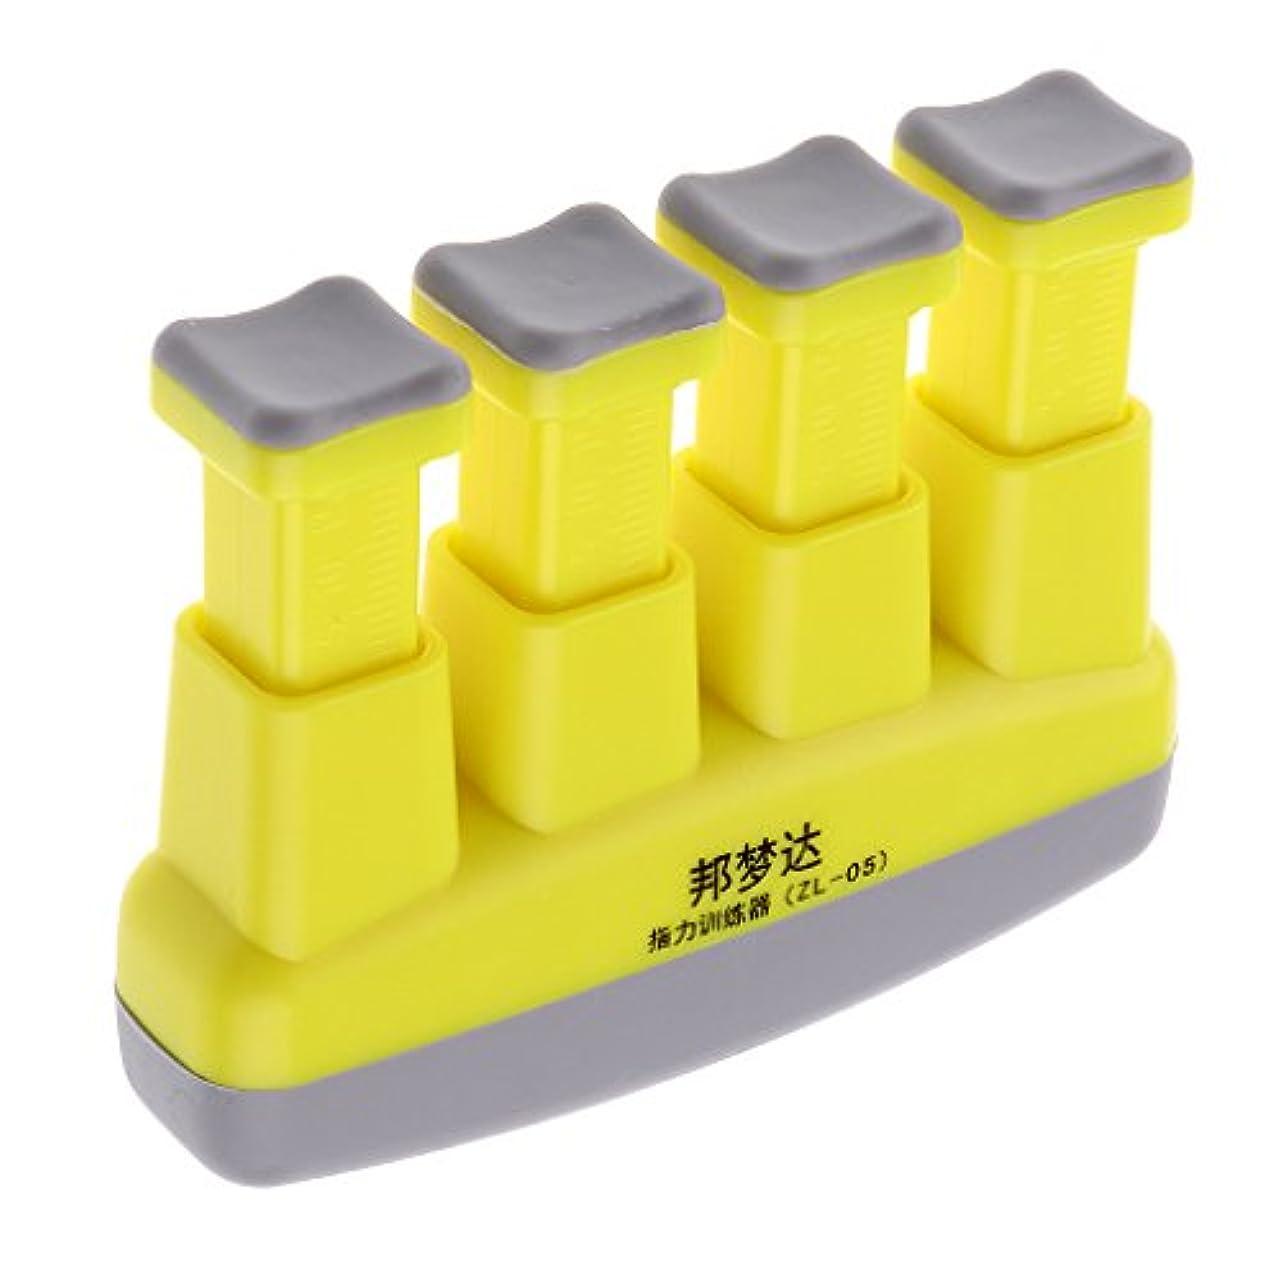 震えるコンプリート戦略ハンドグリップ エクササイザ 4-6ポンド 調節可 ハンド 手首 腕 グリップ グリッパー 黄色 ABS +シリコン